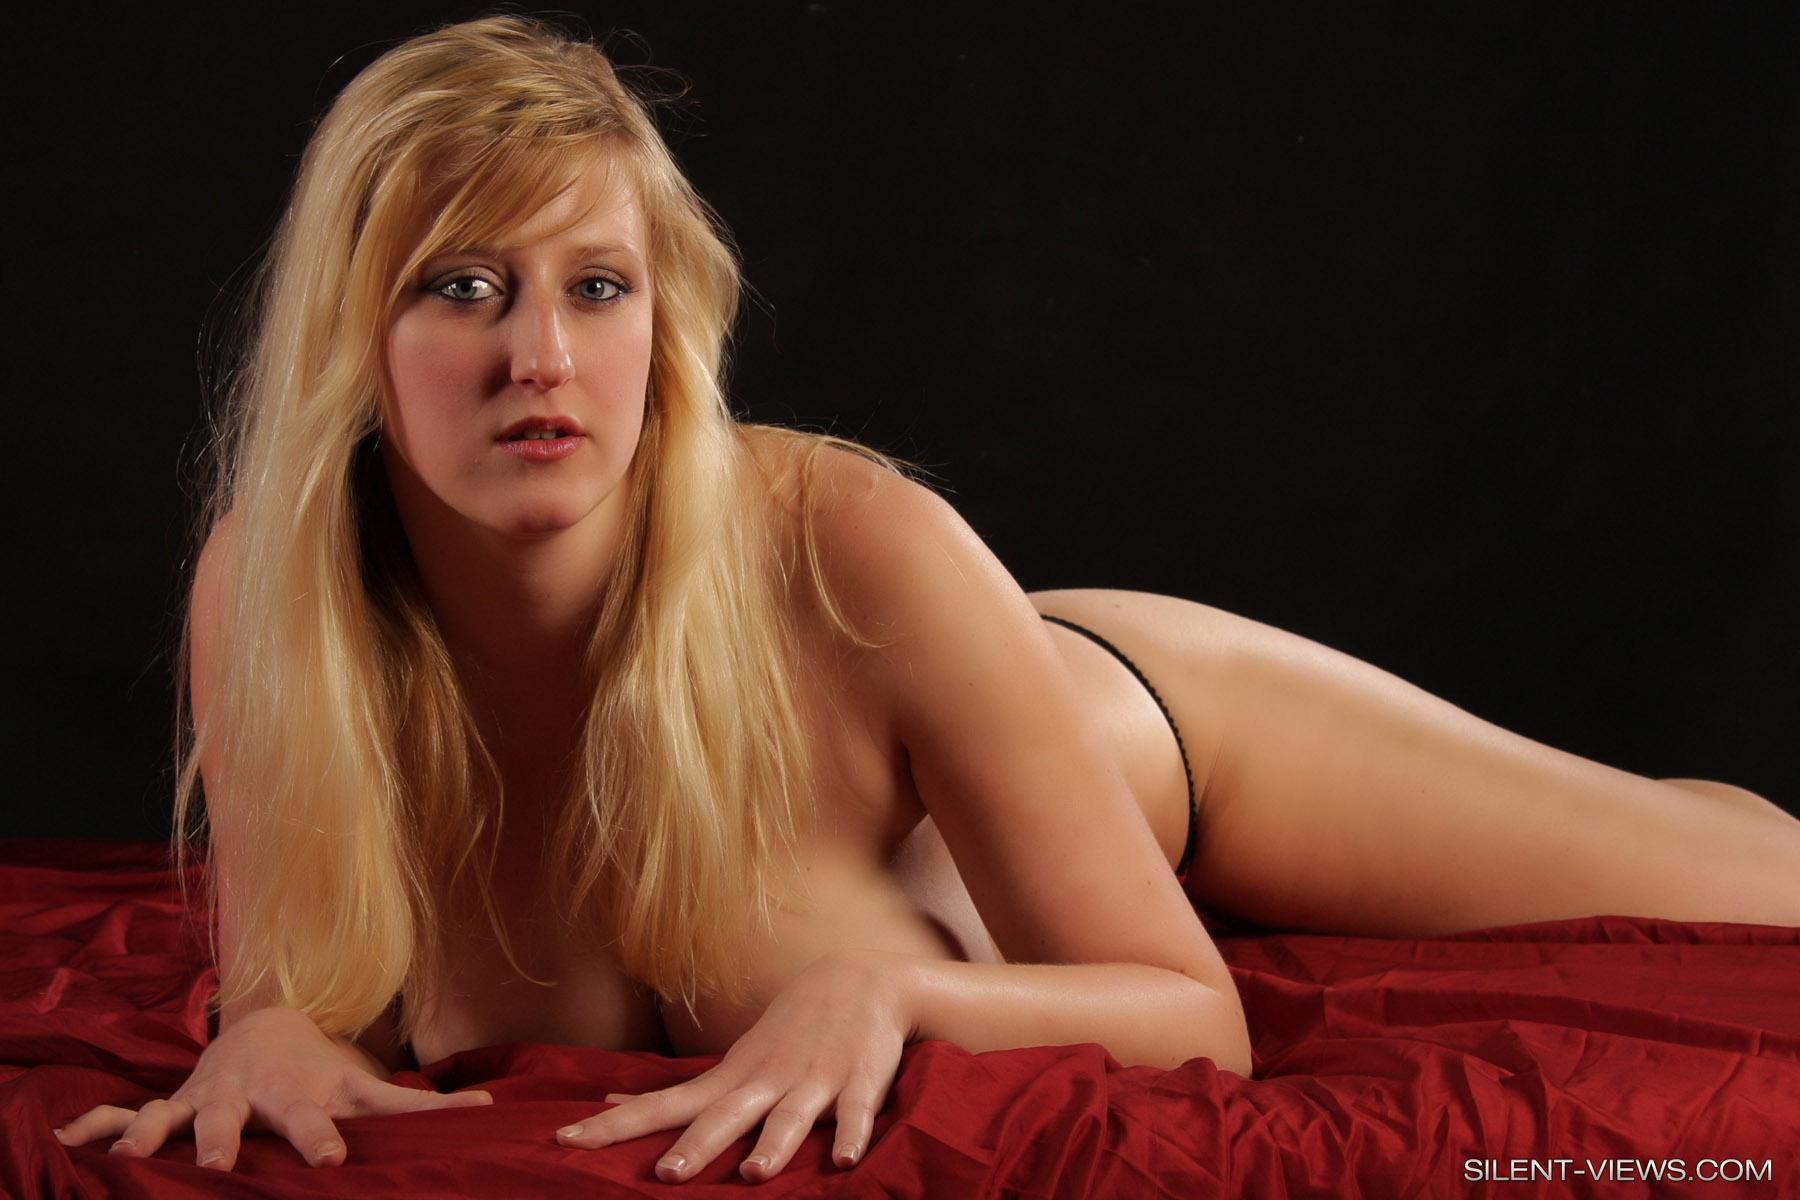 Cute Blonde Galleries 38